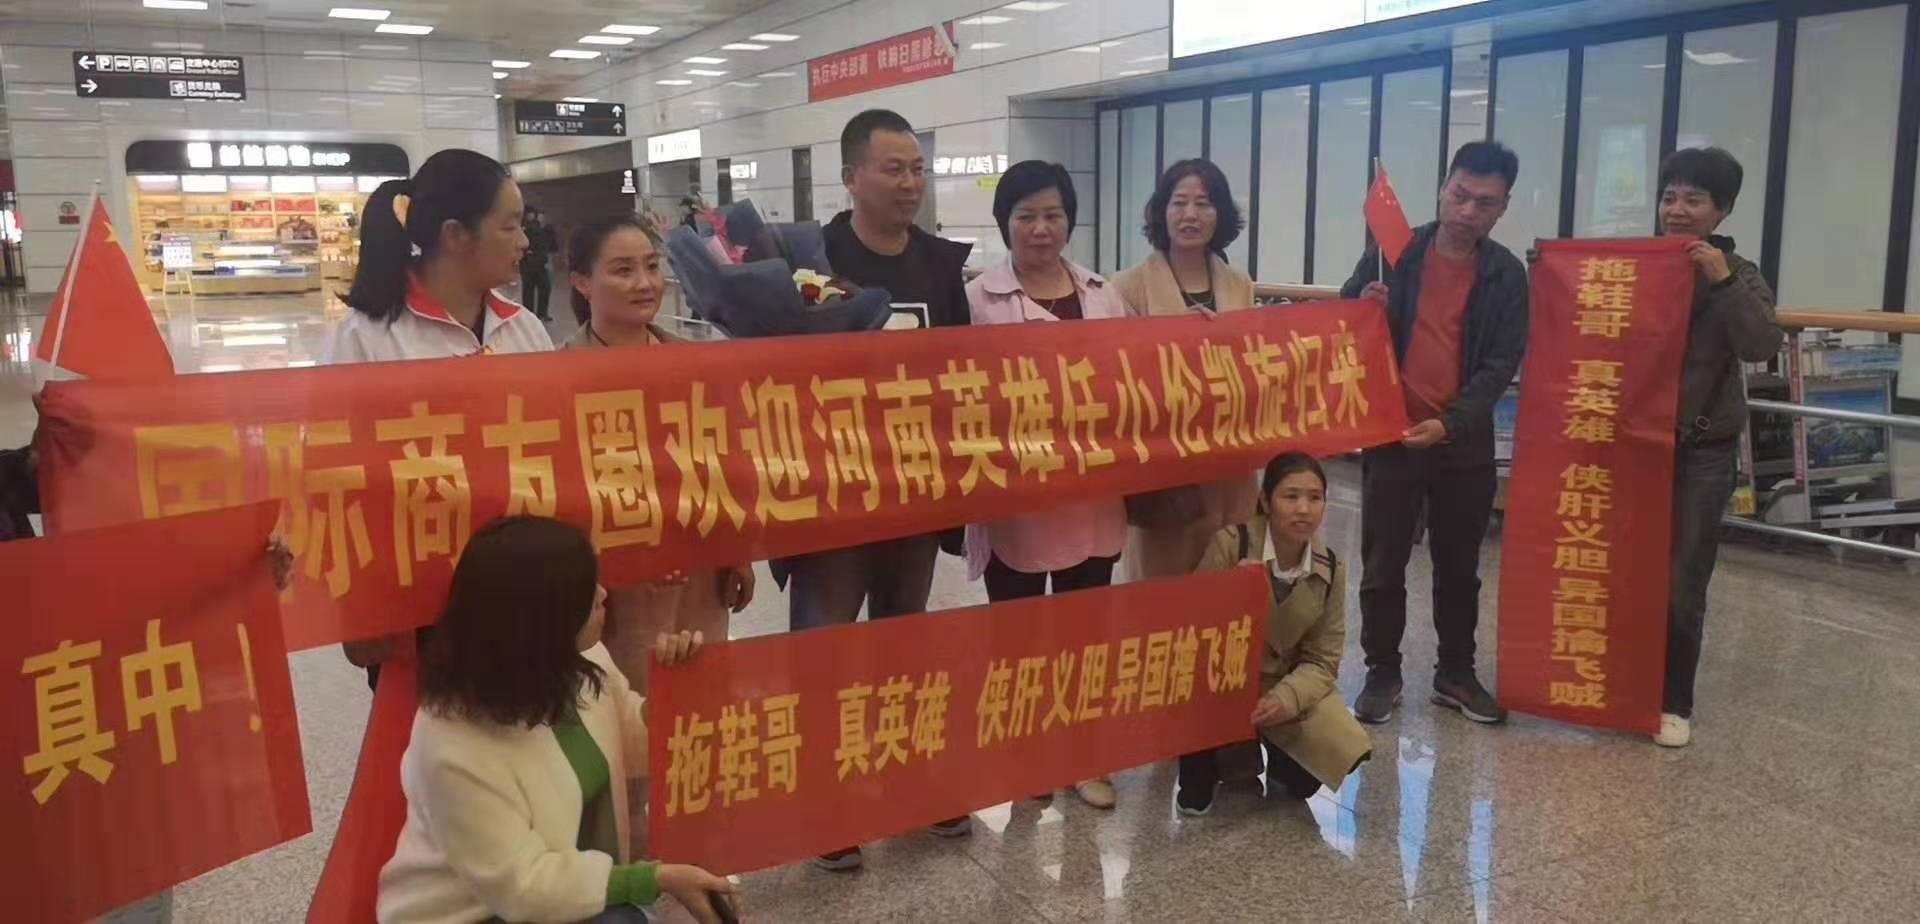 河南外子返程回国,有群多自愿前去机场接机。 受访者供图